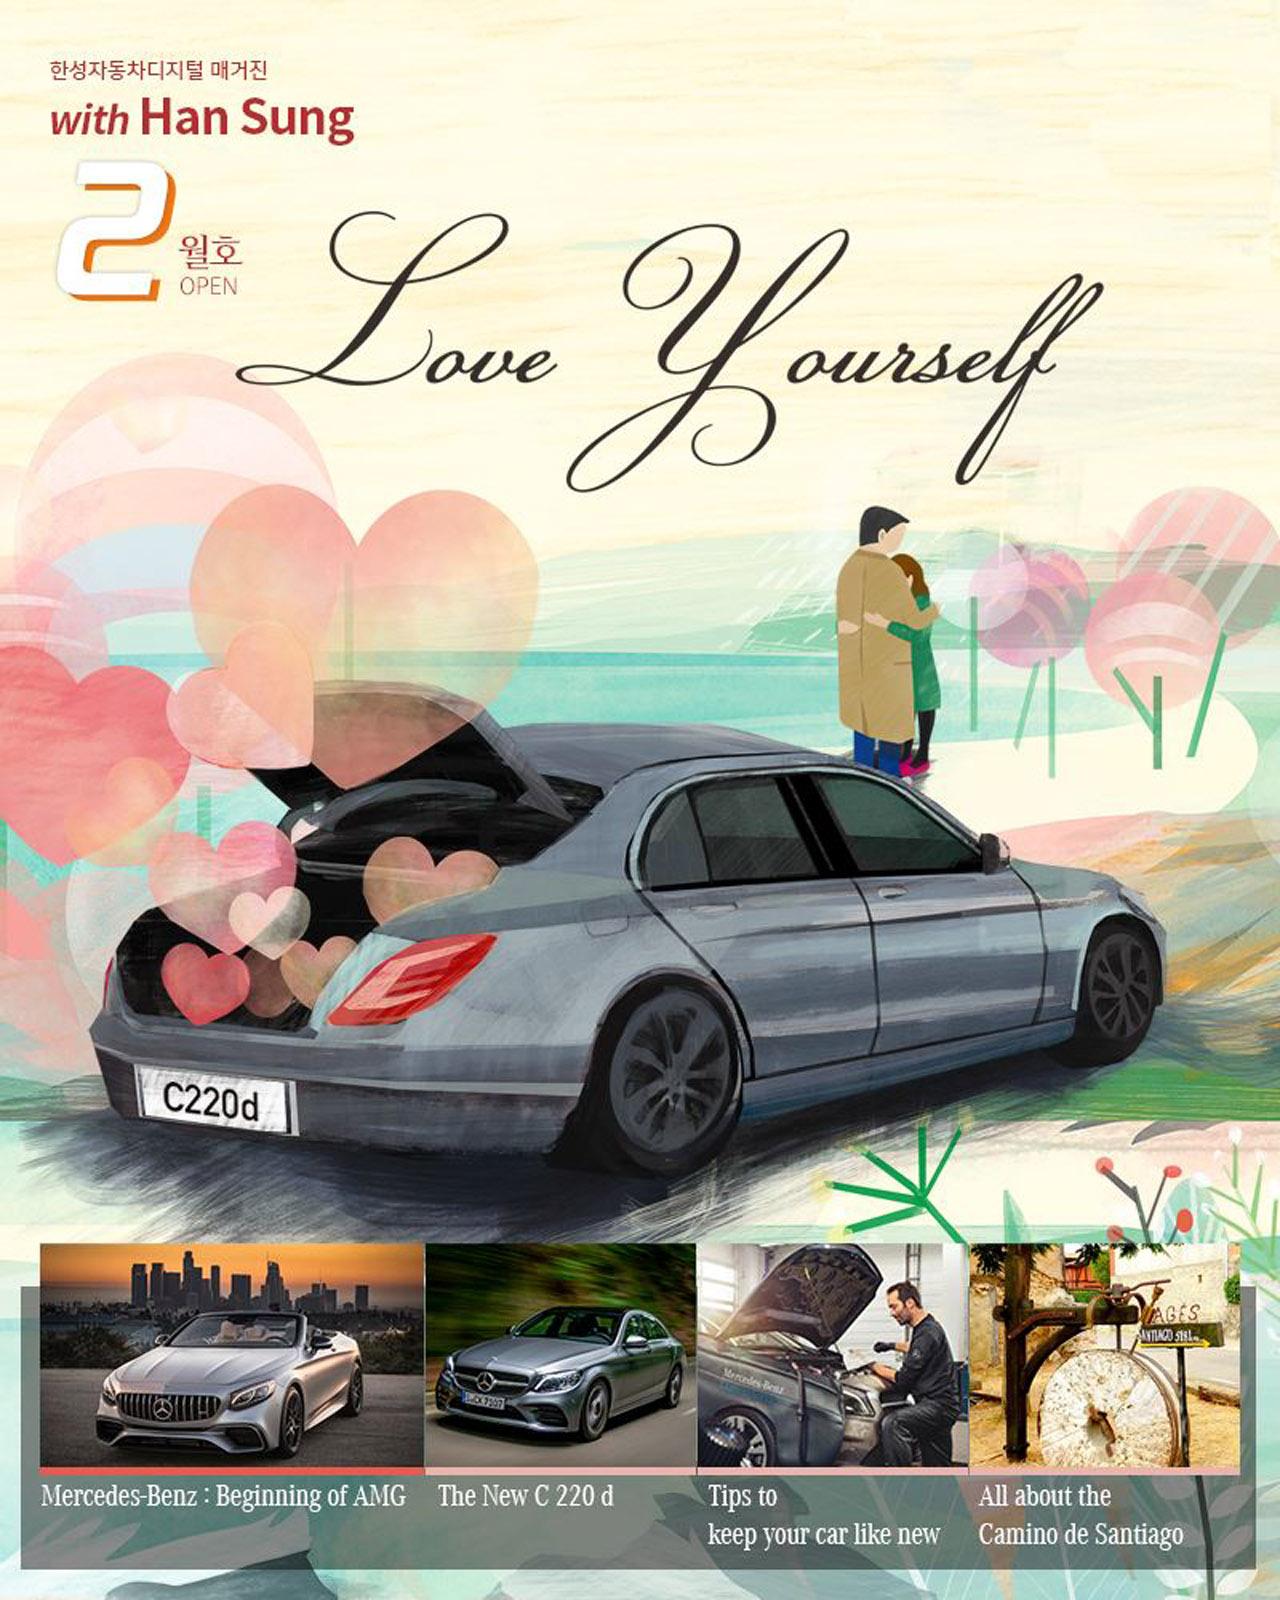 190215 [보도자료] 메르세데스-벤츠 공식딜러 한성자동차, with Han Sung 2월호 발간 및 페이스북 이벤트 진행